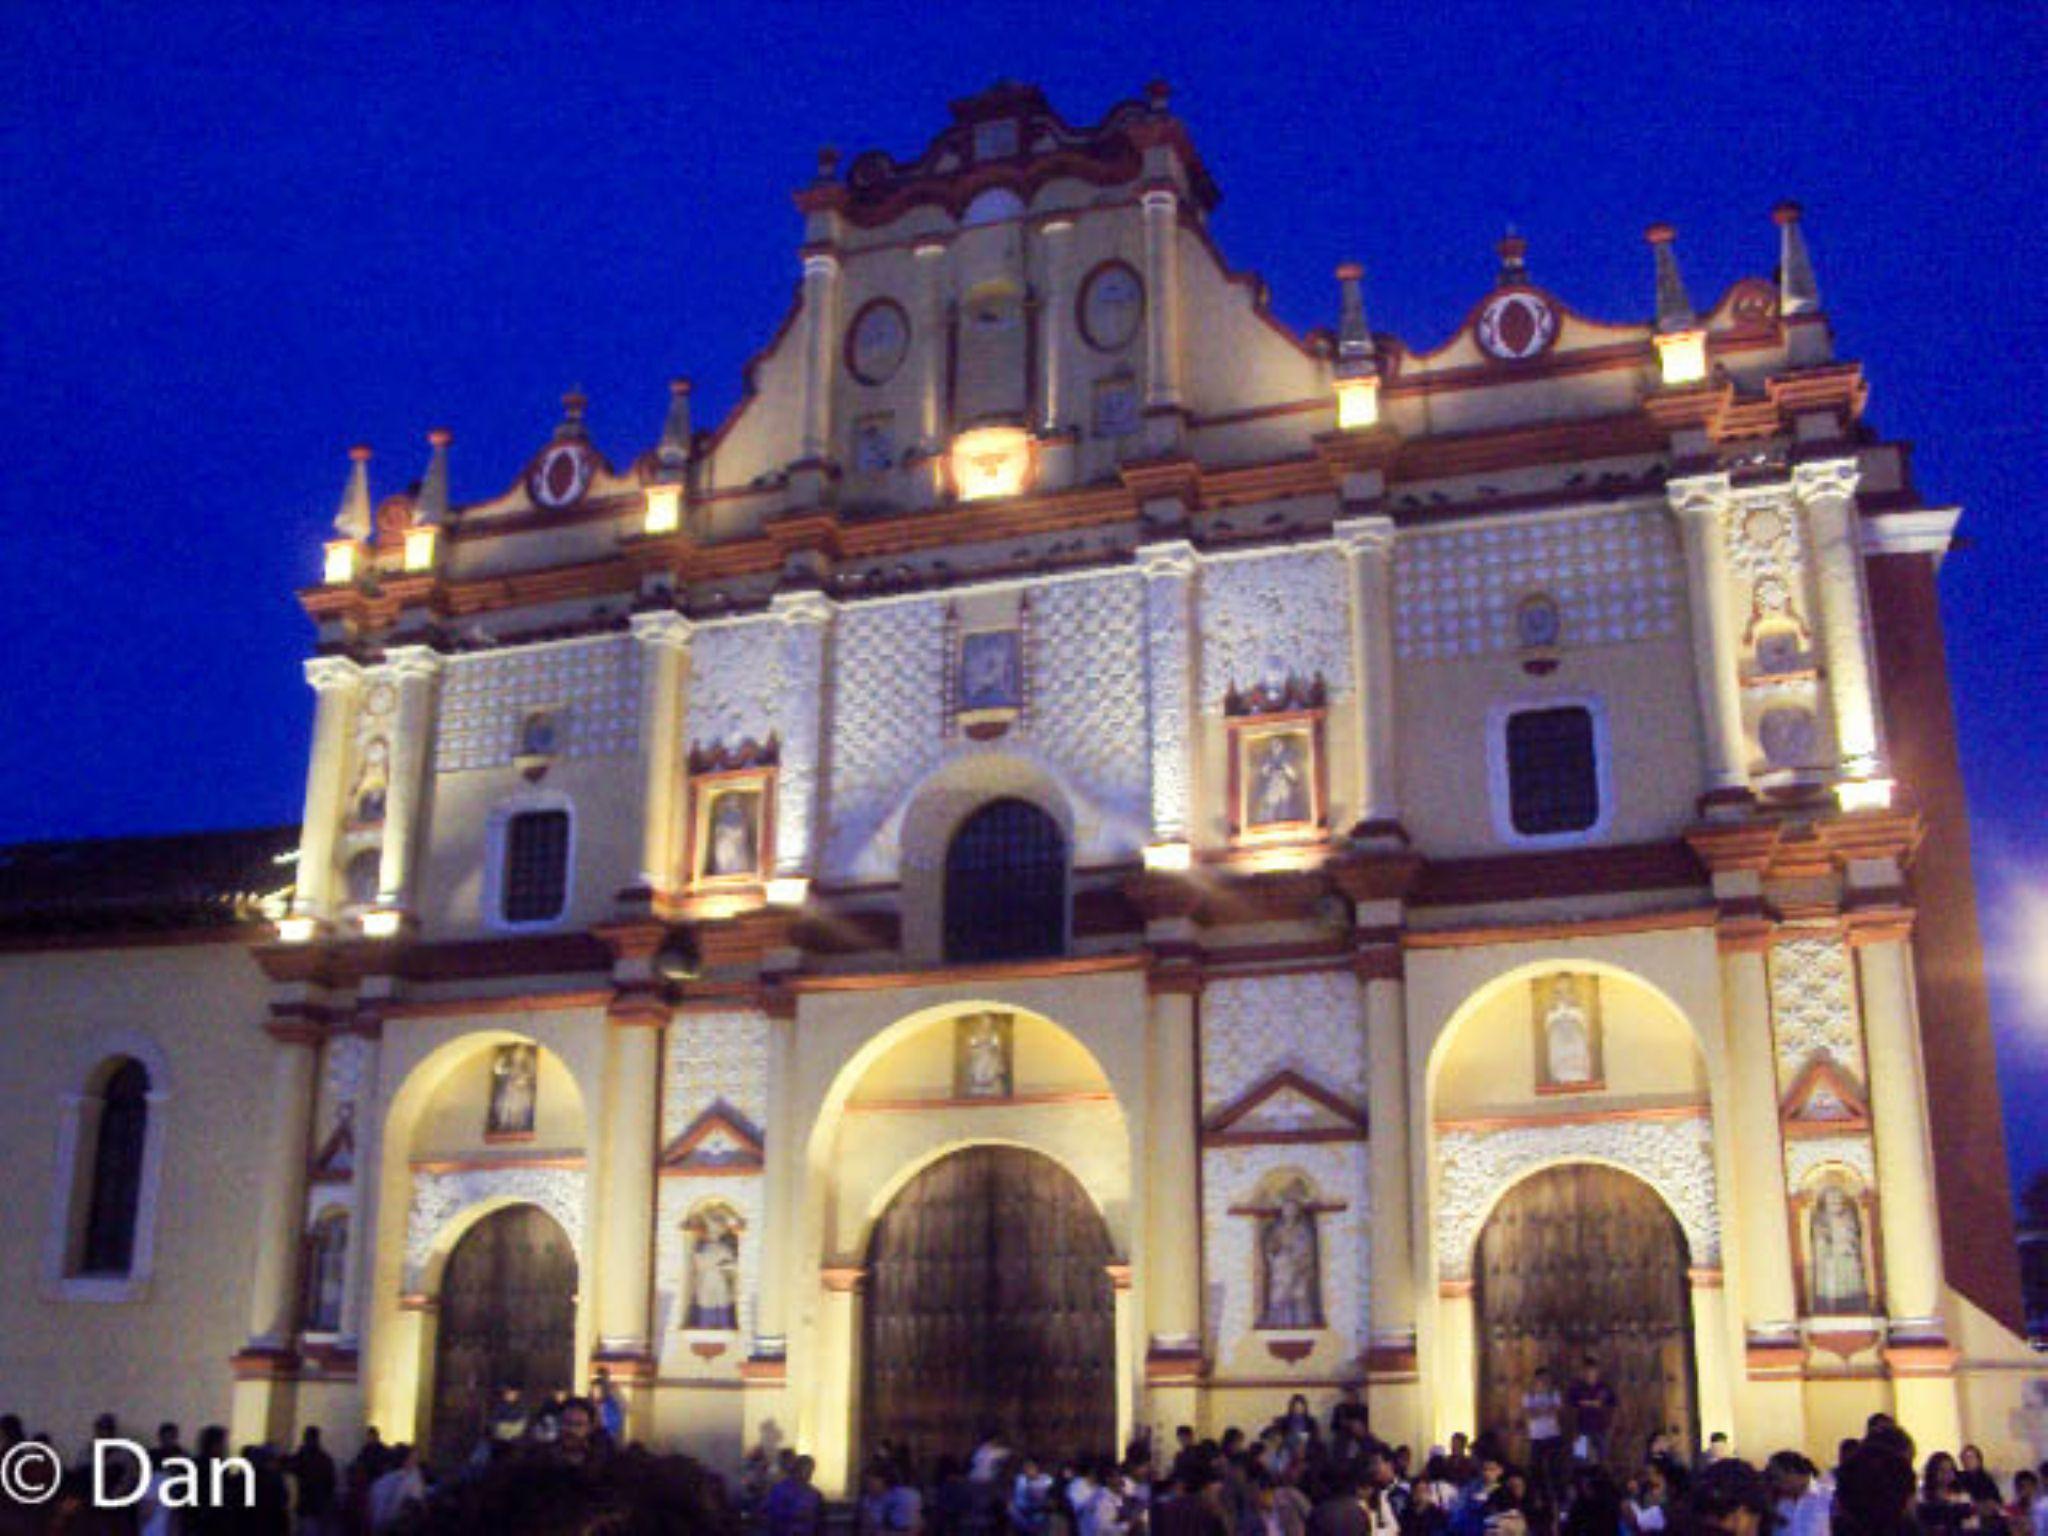 Iglesia de Chiapas by Dan Serrano Vazquez